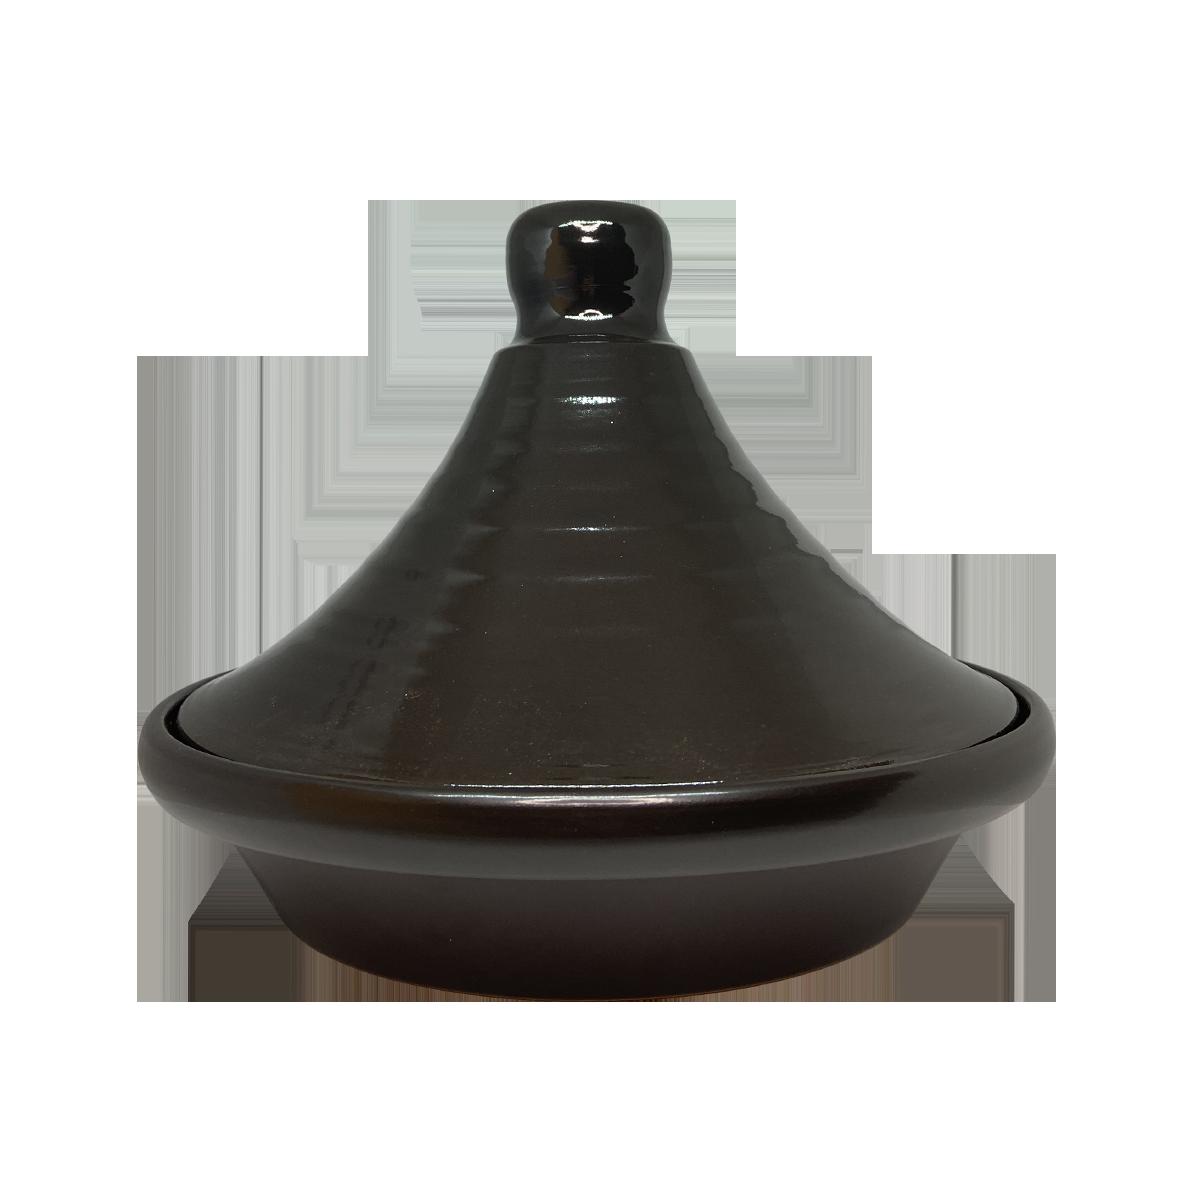 Esprit Cuistot - Tajine Noir en ceramique 32 cm